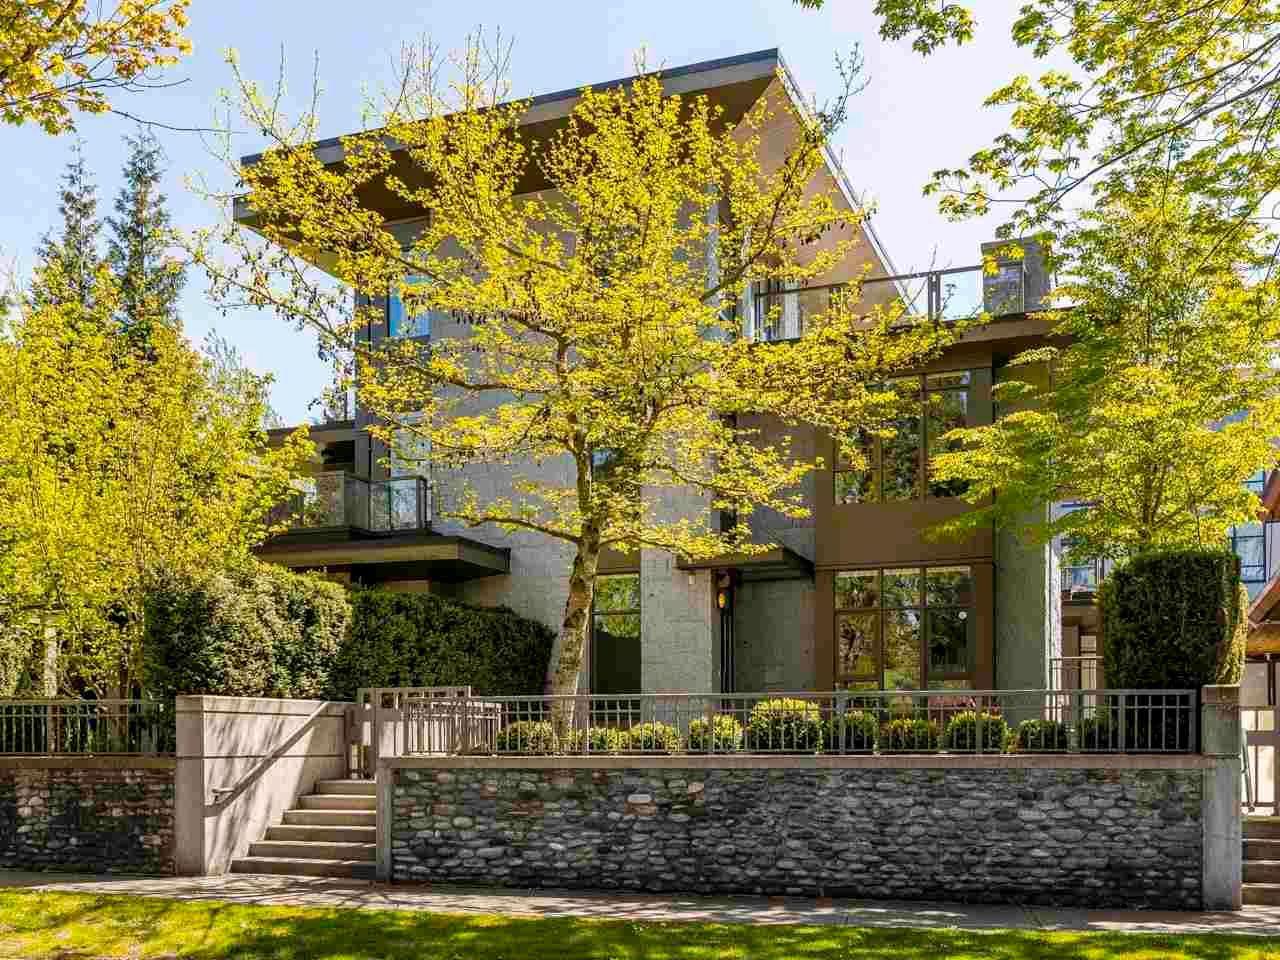 Main Photo: 6060 CHANCELLOR BOULEVARD in Vancouver: University VW 1/2 Duplex for sale (Vancouver West)  : MLS®# R2577712